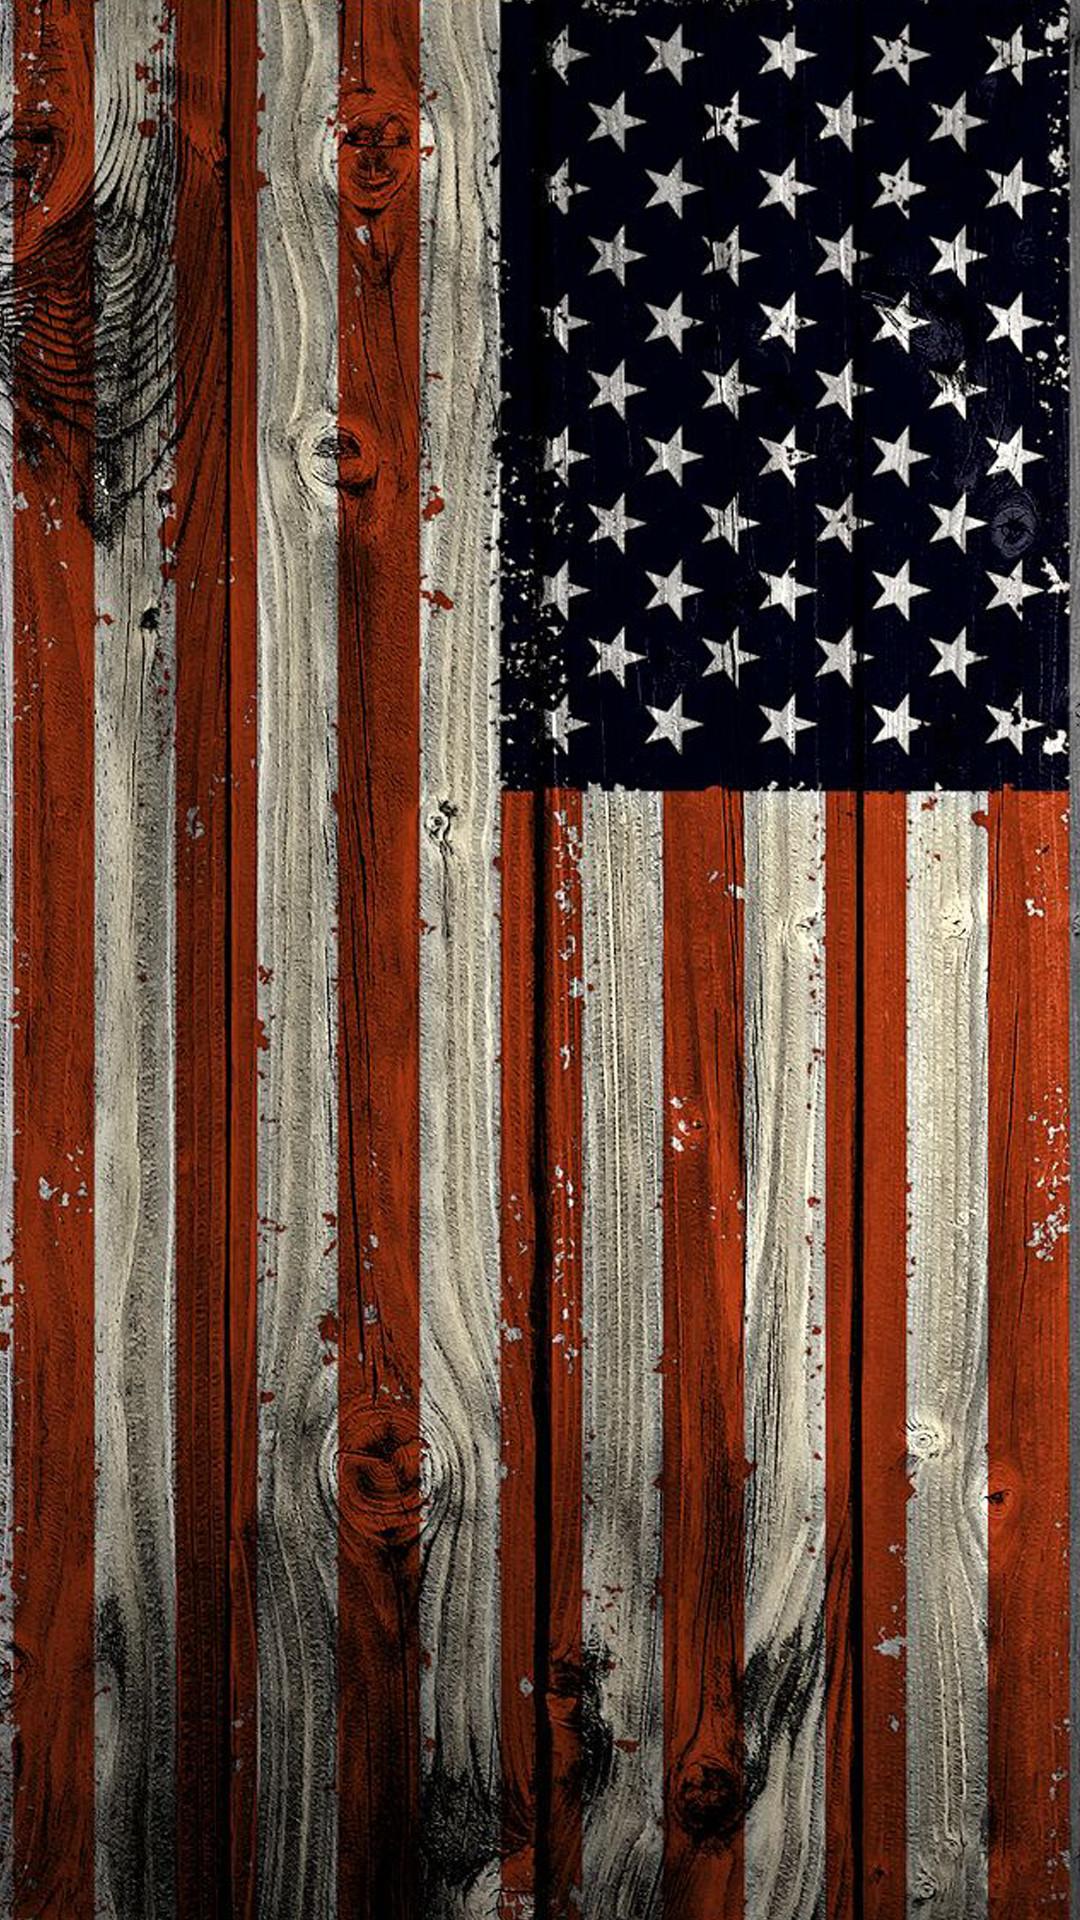 American Flag iphone 6 wallpaper tumblr American Flag iphone 6 wallpaper  size